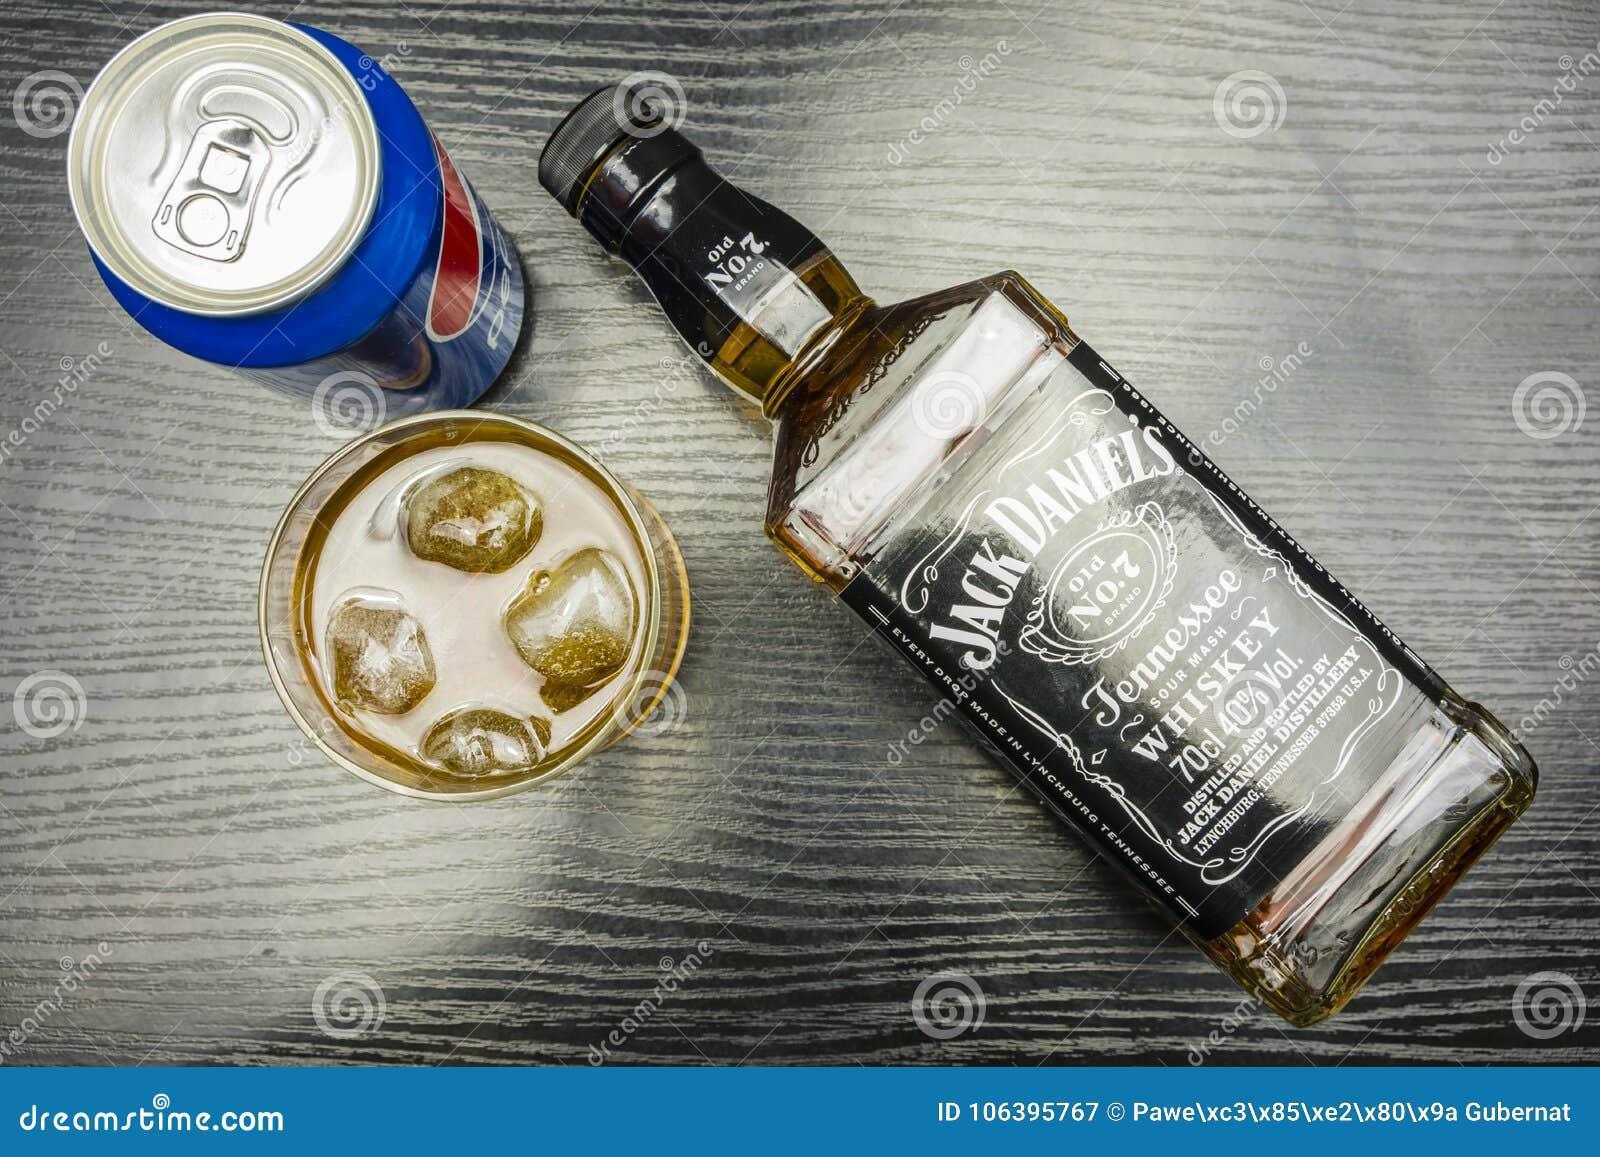 百事可乐能和与冰的玻璃杰克丹尼尔` s田纳西威士忌酒 vi